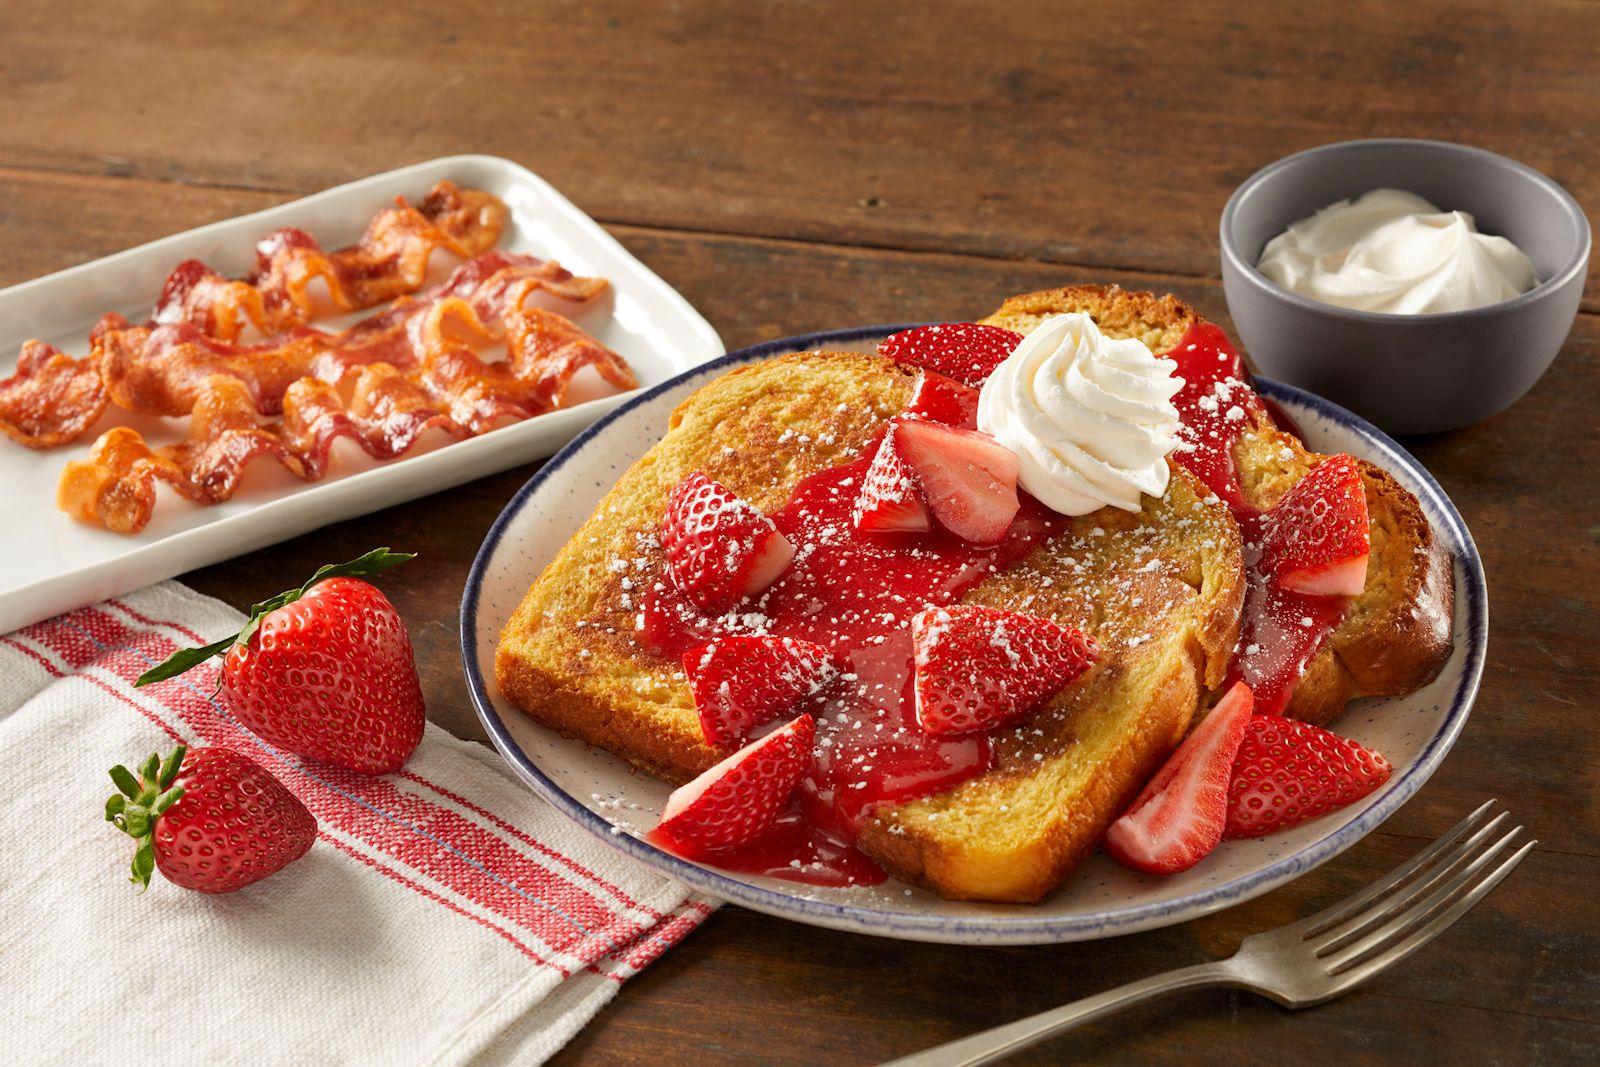 Bob Evans Restaurants présente de nouveaux plats de petits fruits frais de la ferme pour le printemps